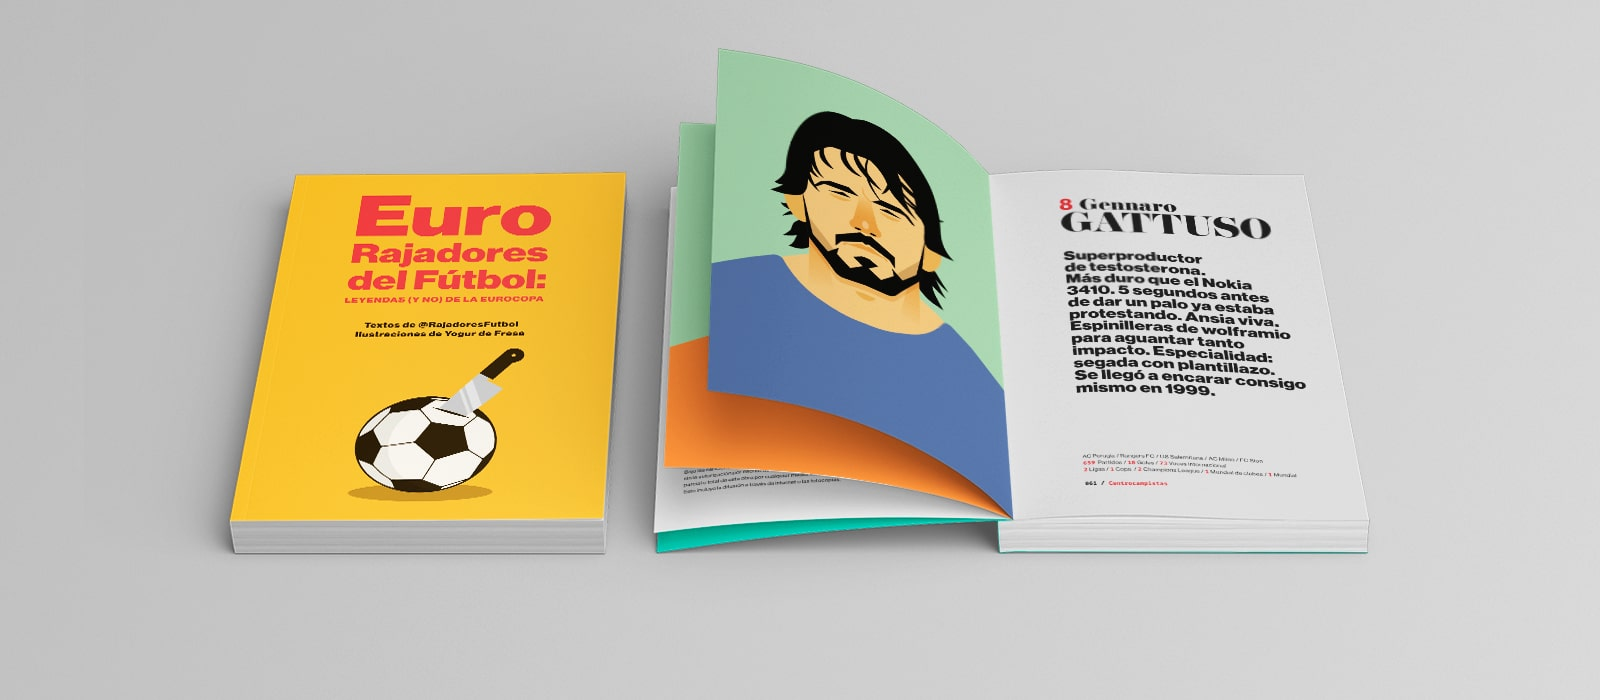 Eurorajadores del fútbol: leyendas (y no) de la Eurocopa